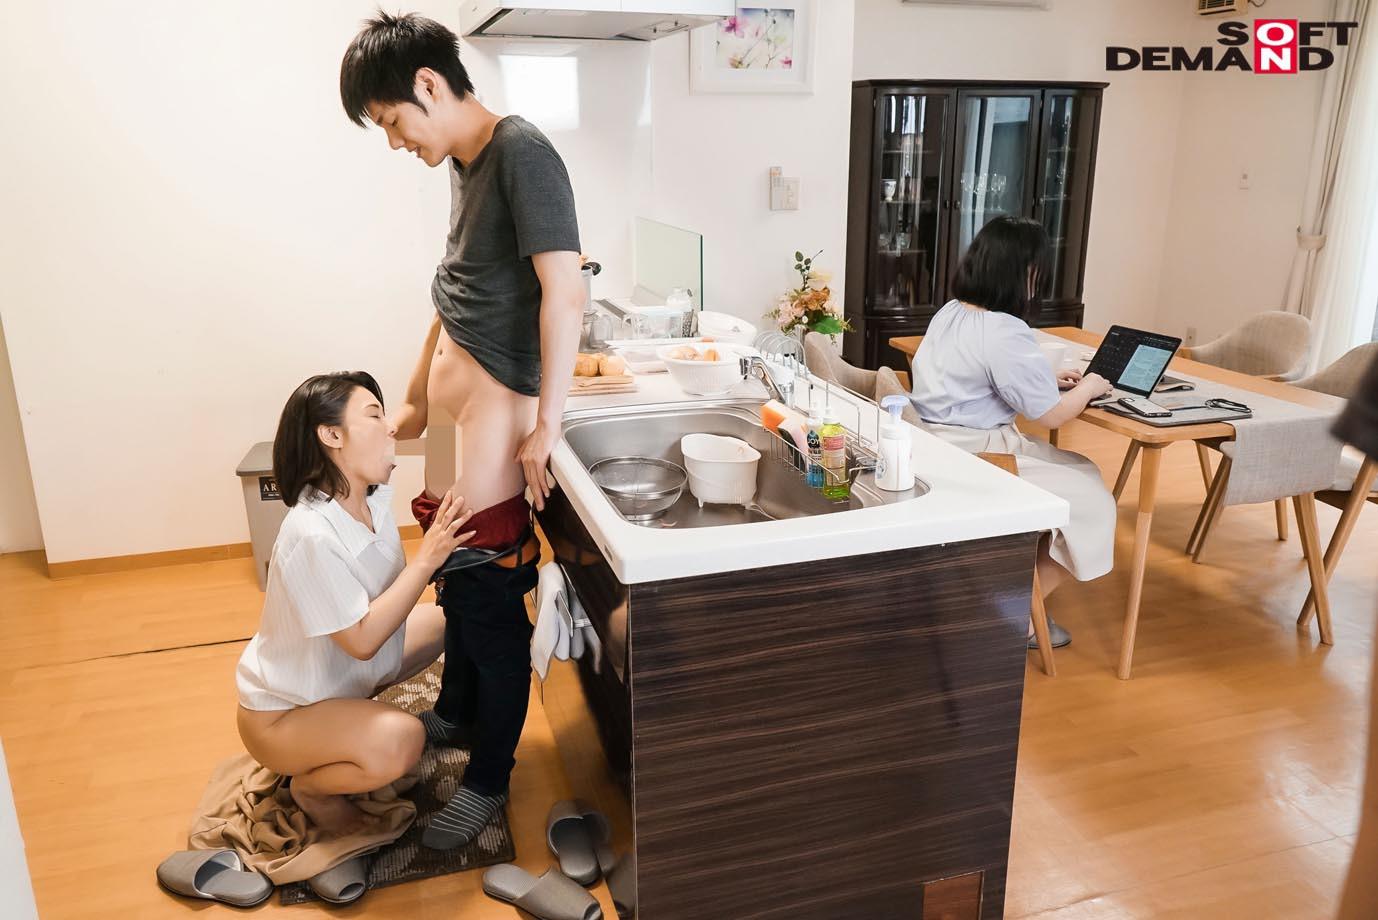 「いいの・・・中に出して・・・」義母が20歳年下の娘婿を誘惑中出し淫姦。ずっとがっちり密着SEXで離さない 綾瀬麻衣子,のサンプル画像3